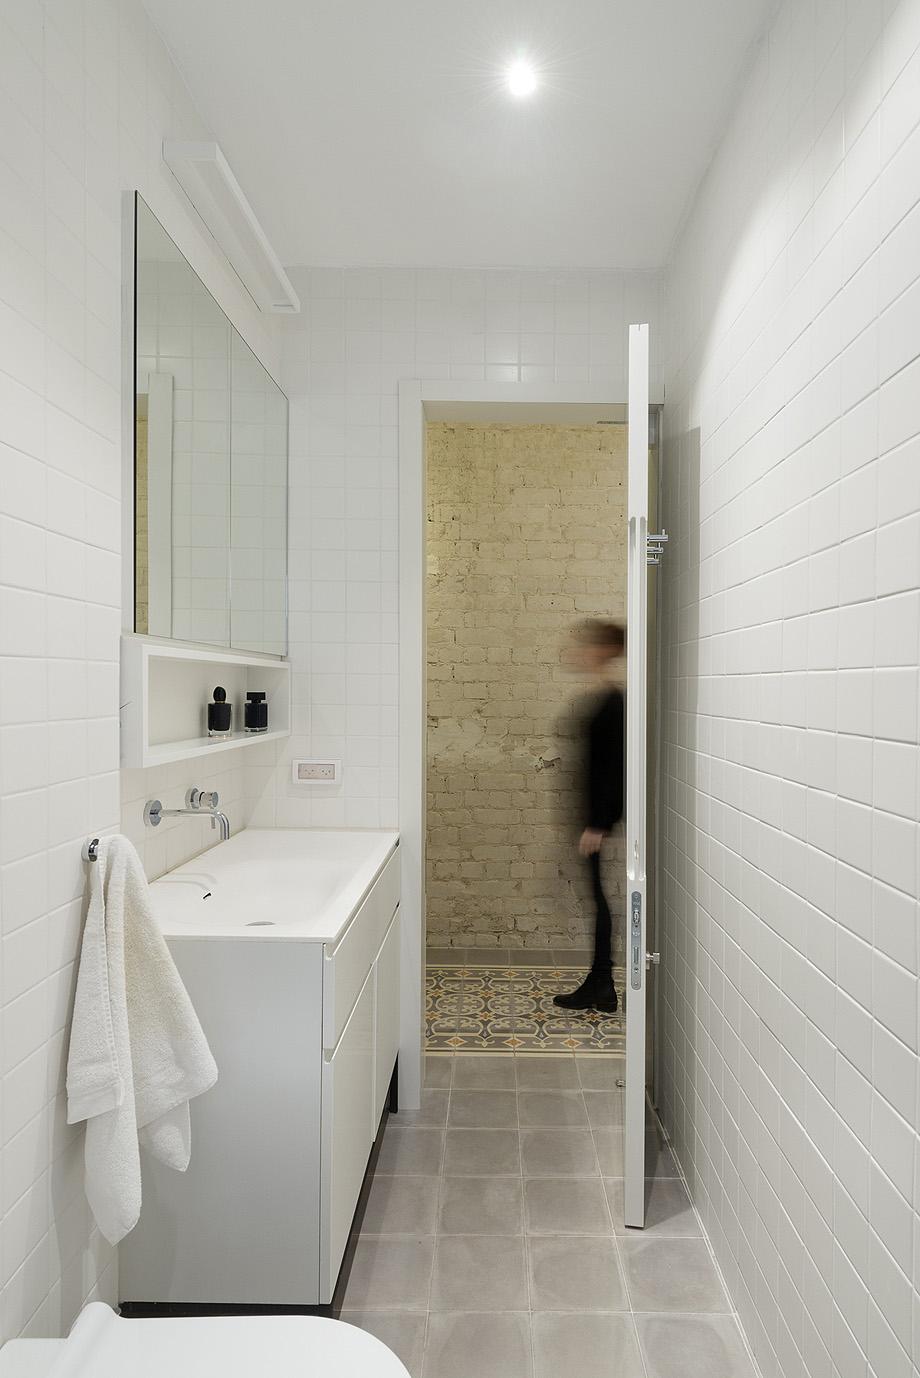 apartamento en tel aviv por xs studio - foto gideon levin (9)